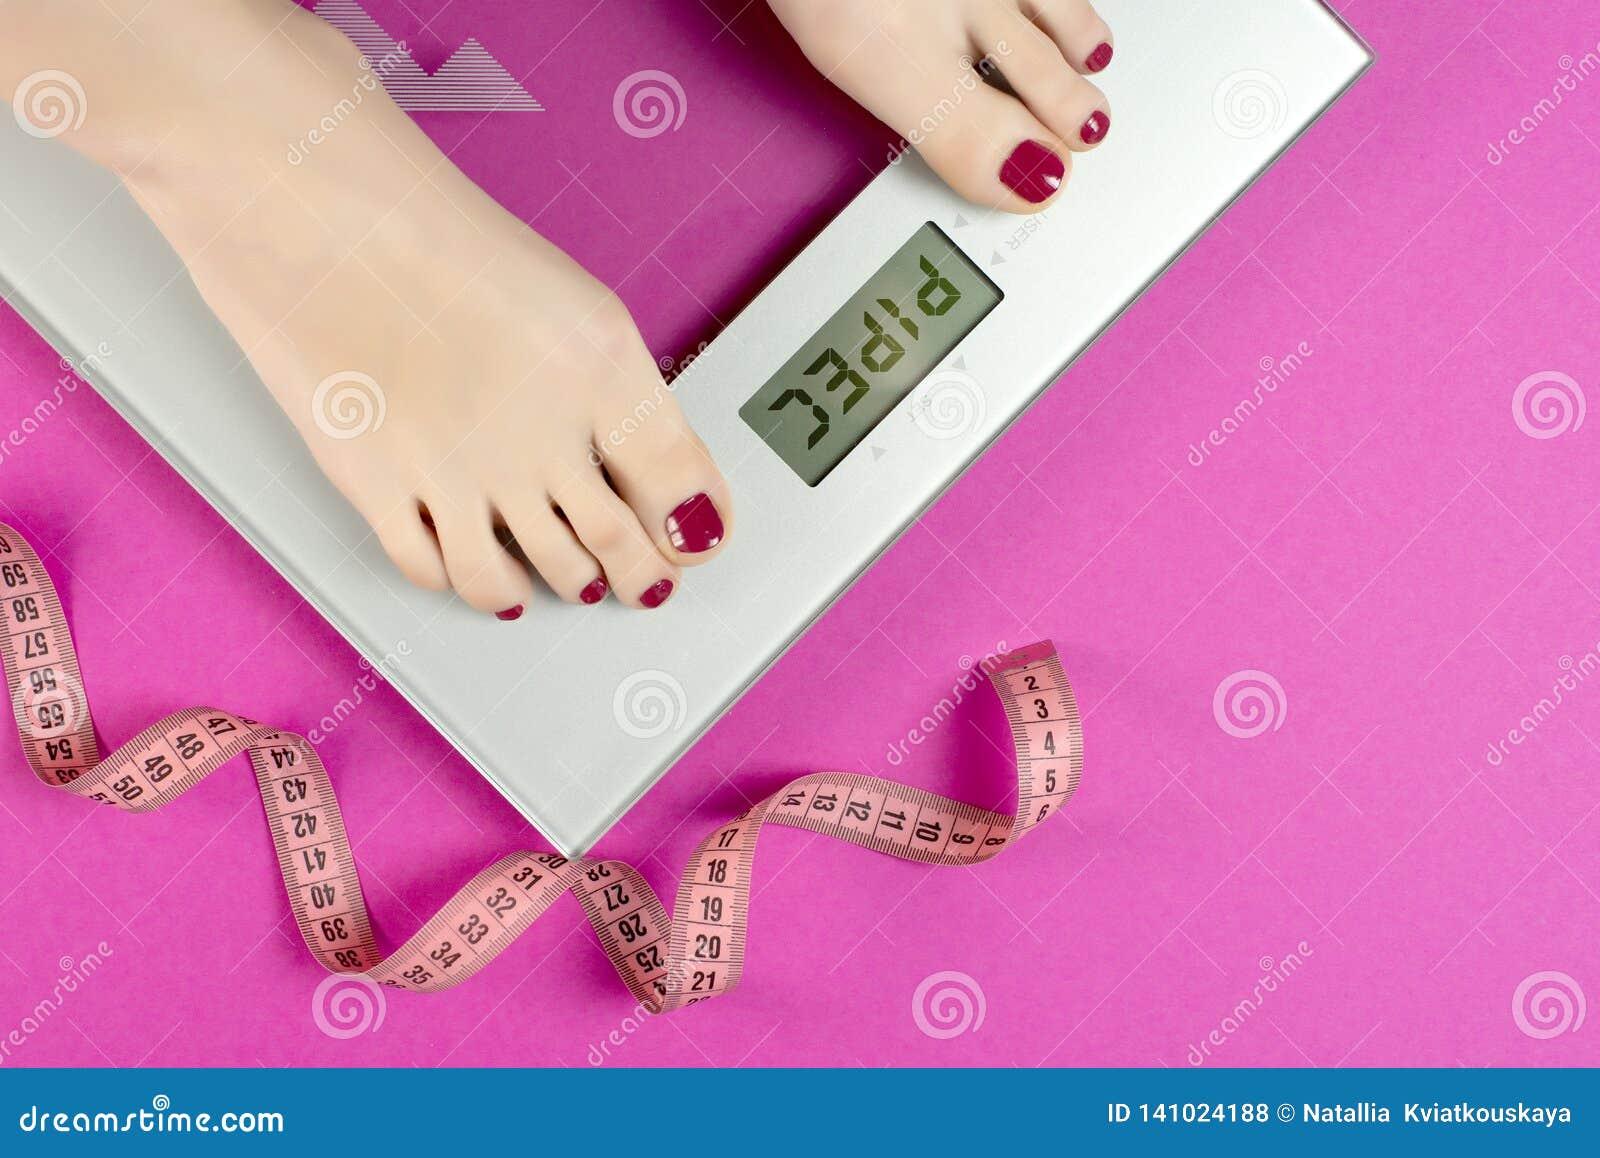 Ταινία και κλίμακες μέτρου σε ένα ρόδινο υπόβαθρο με τις λέξεις pipec Σχέδιο και workout γυναίκες διατροφής πριν από το θερινή πε